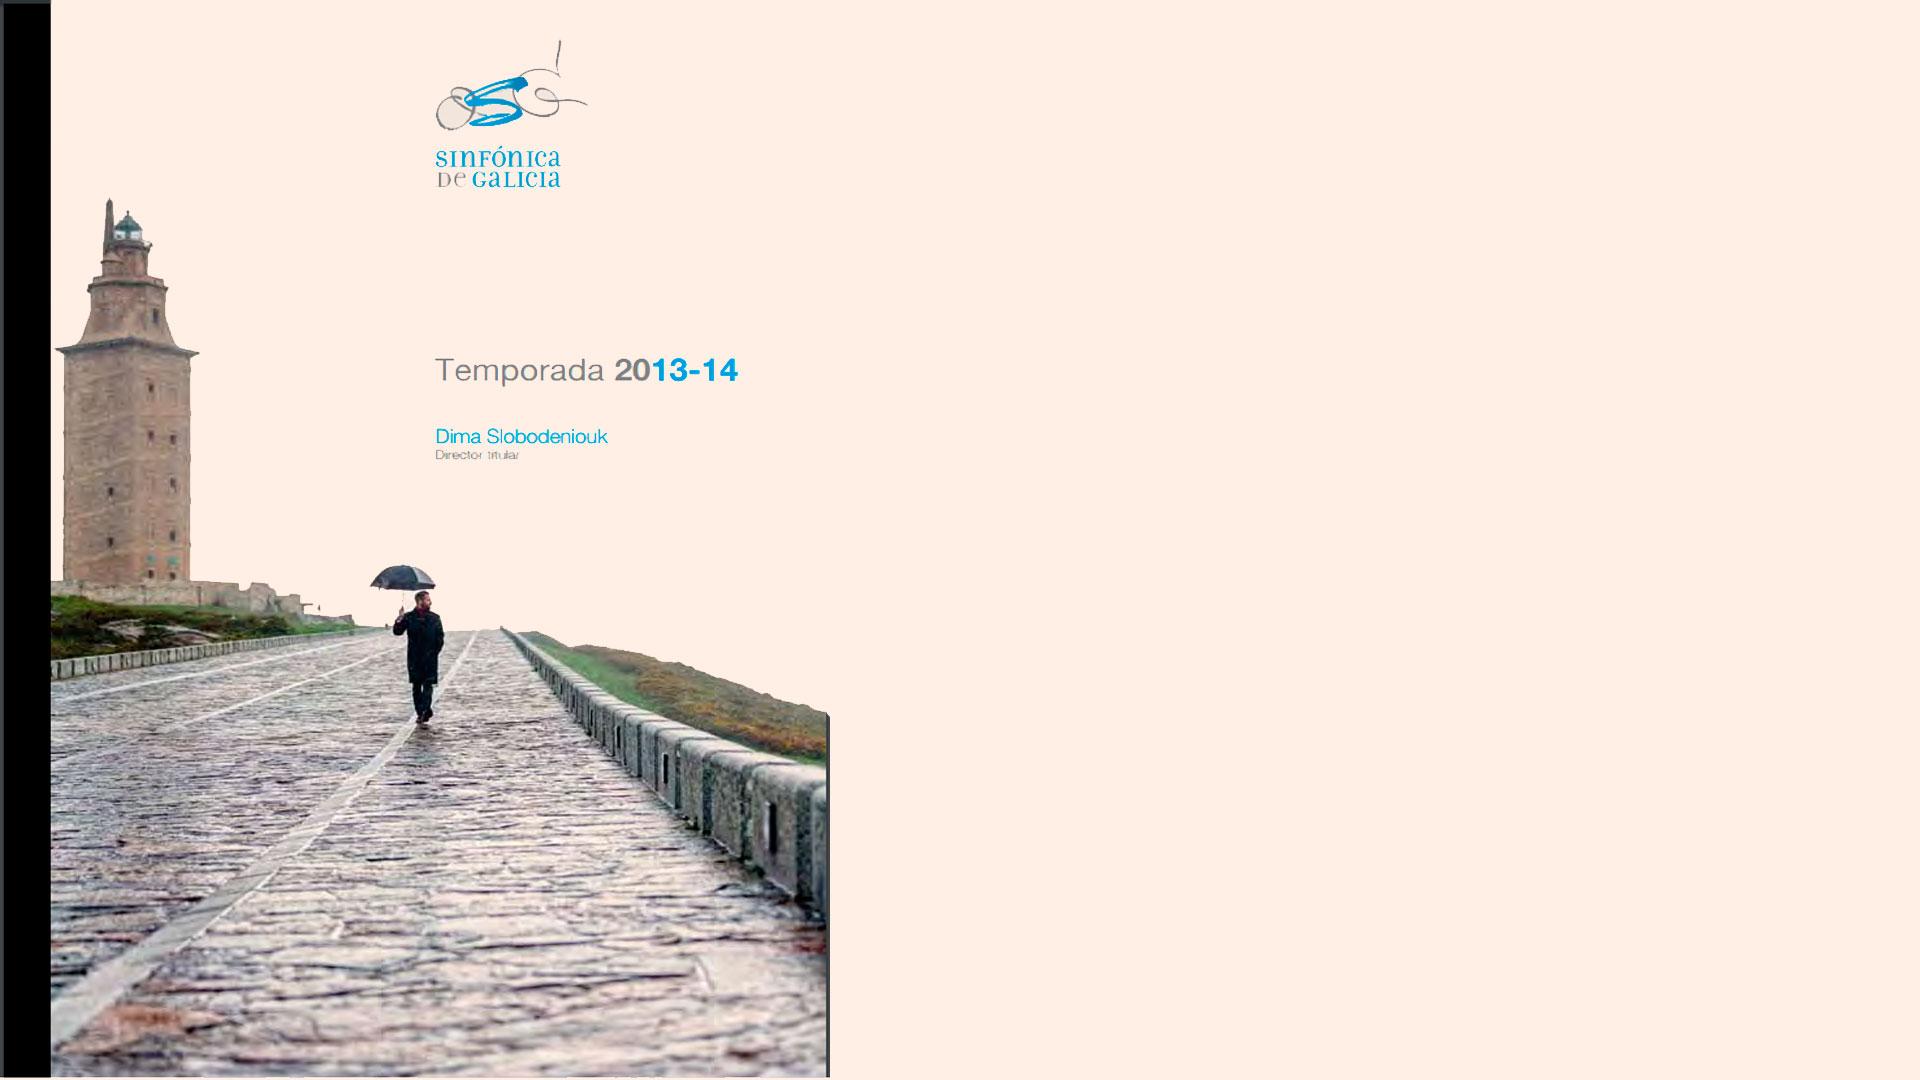 La Orquesta Sinfónica de Galicia dedicará más de un tercio de su programación a incorporar obras de los siglos XIX y XX a su repertorio en la primera temporada bajo la dirección titular de Dima Slobodeniouk